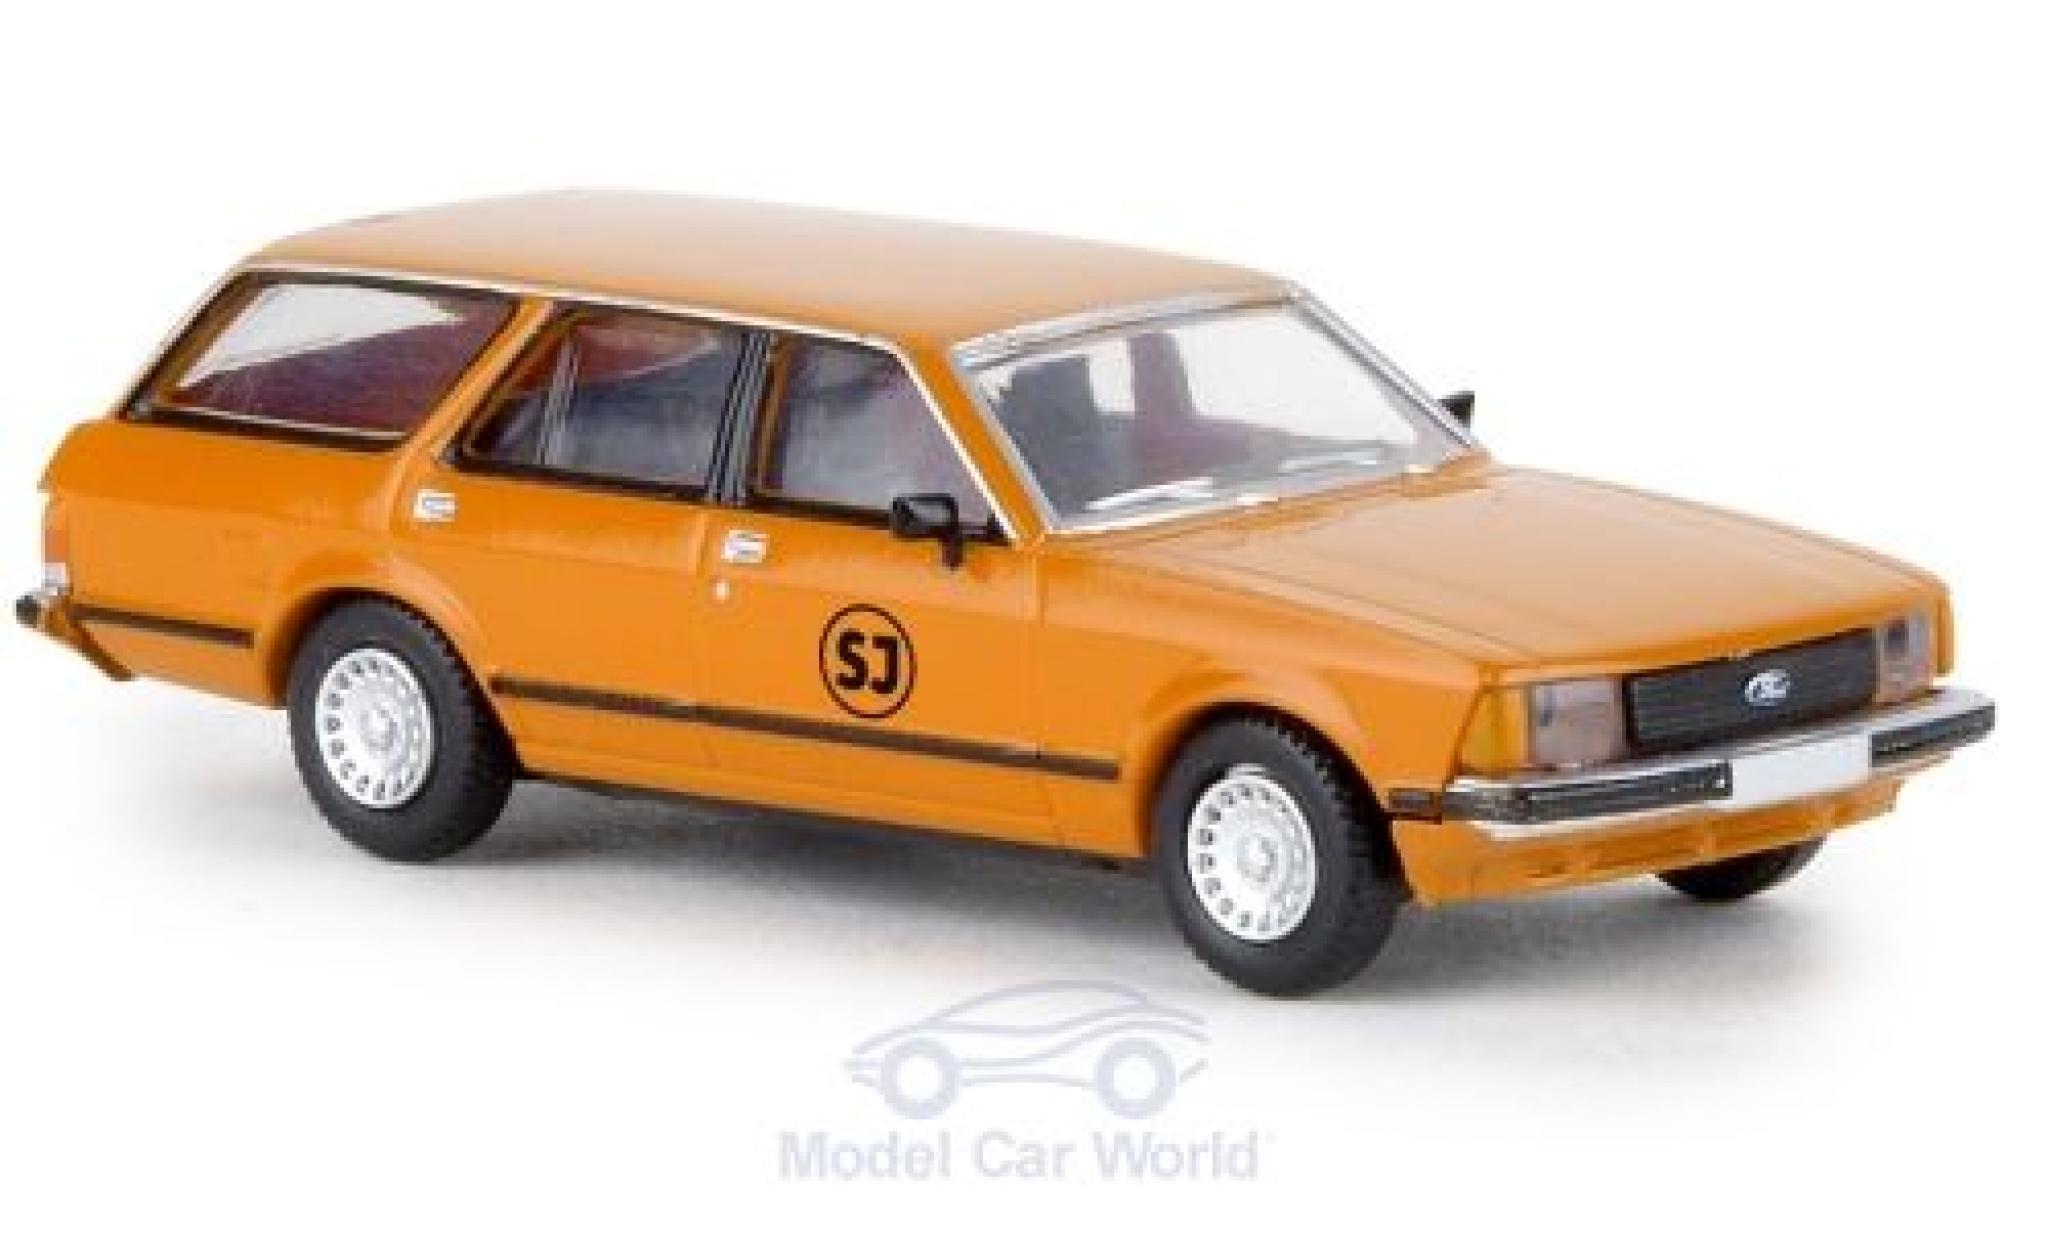 Ford Granada 1/87 Brekina II Turnier SJ 1977 TD